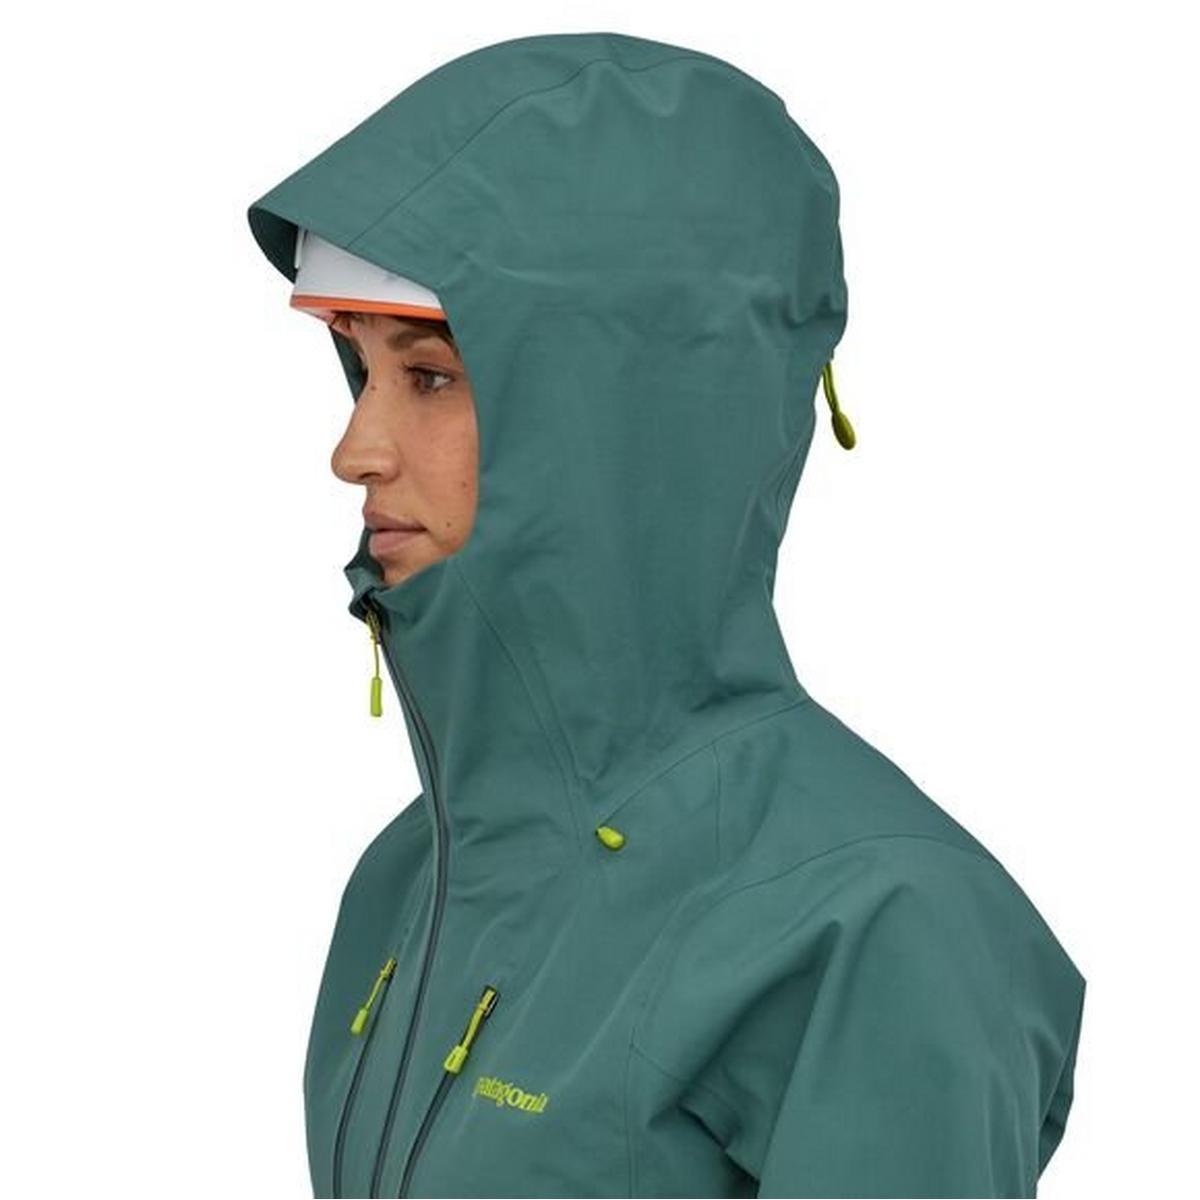 Patagonia Women's Patagonia Triolet Waterproof Jacket - Green